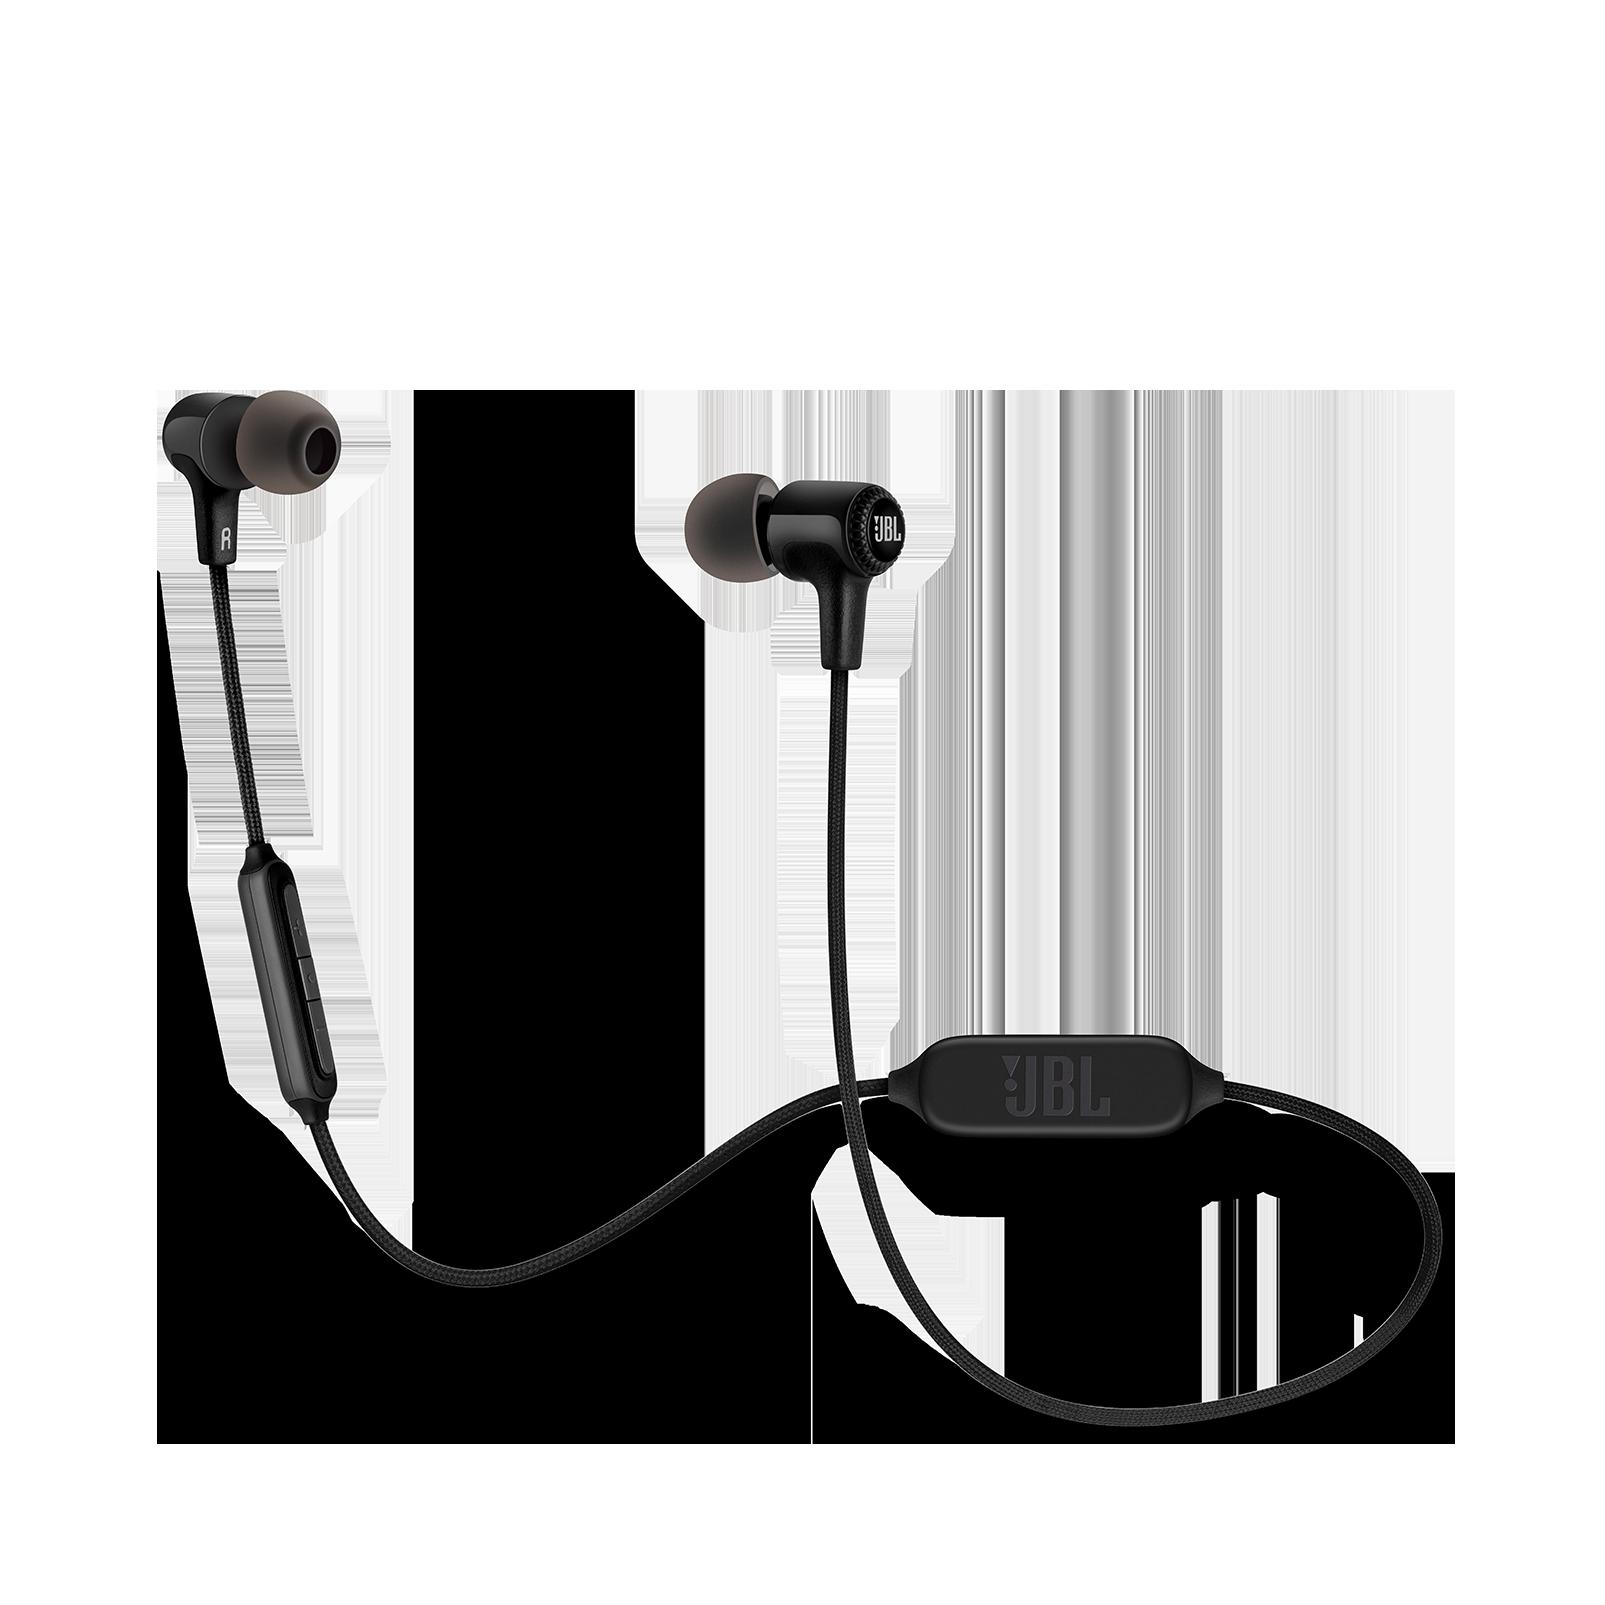 jbl wireless earbuds instructions